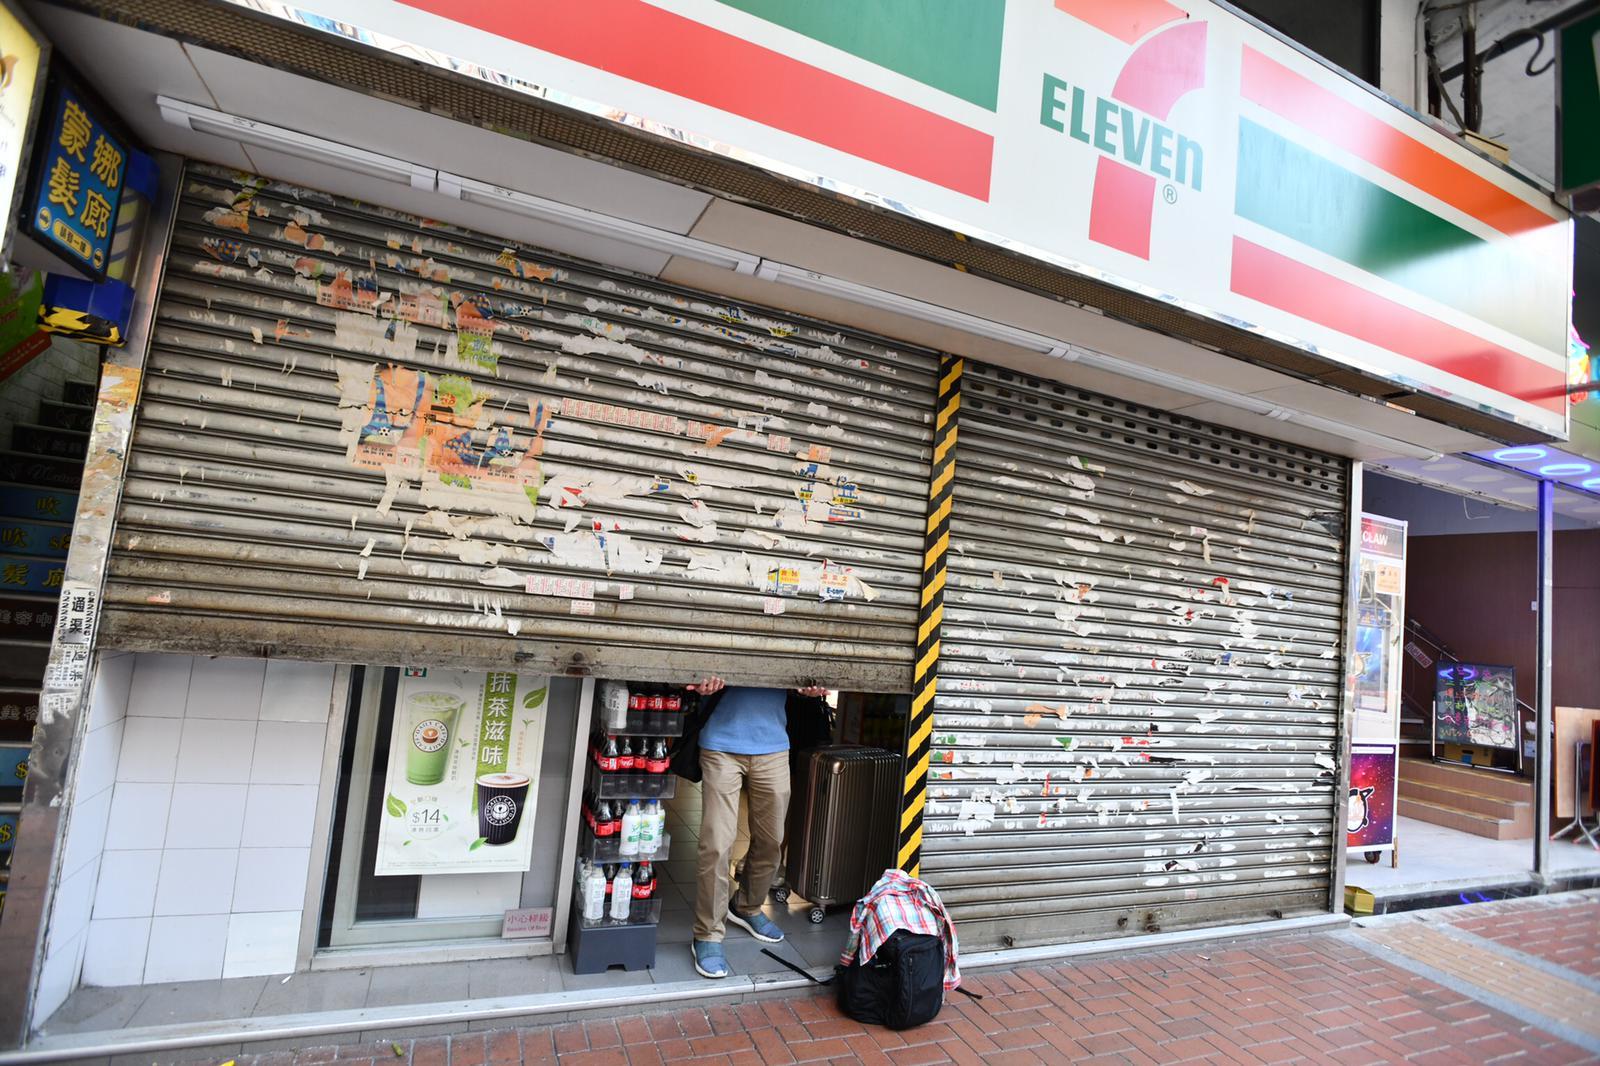 【修例风波】惠康超市及7-11便利店暂停营业 市民抢购粮食应急